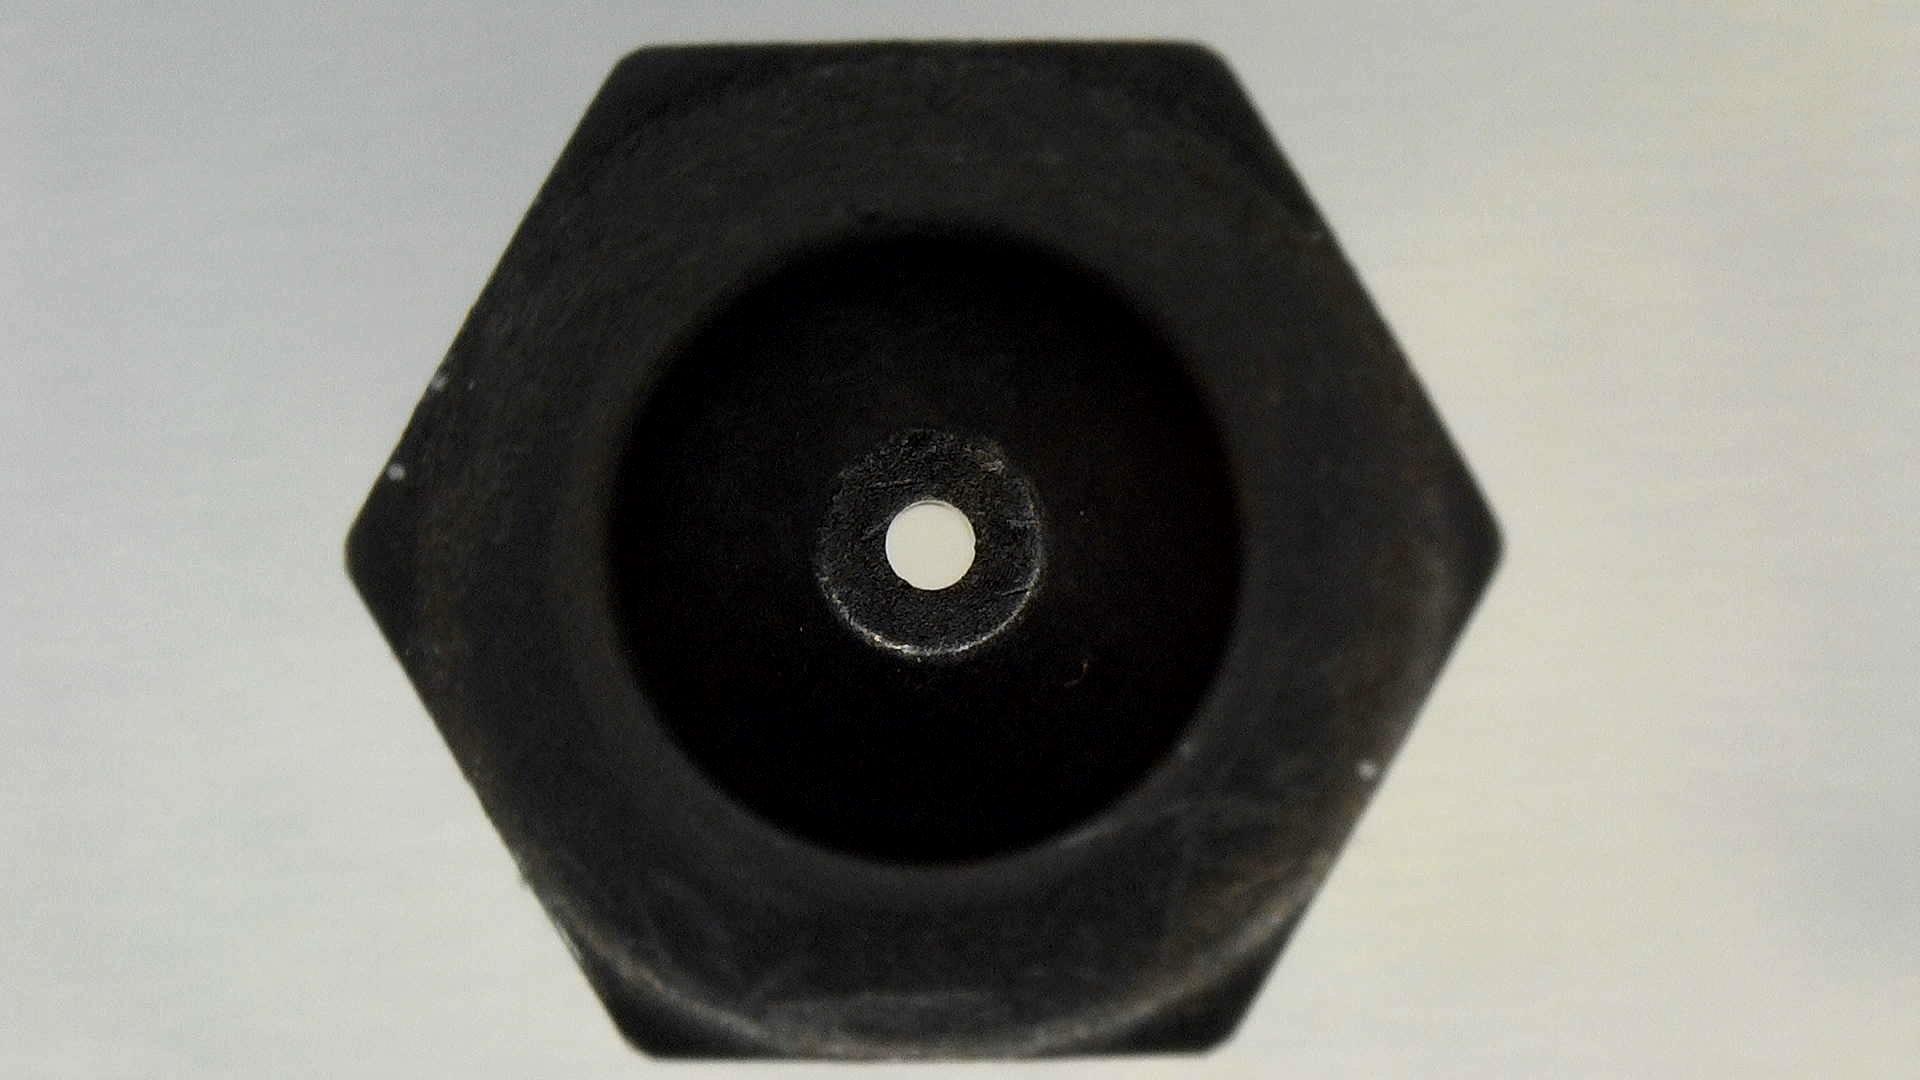 Hardened-Steel-Volcano-0.6-3